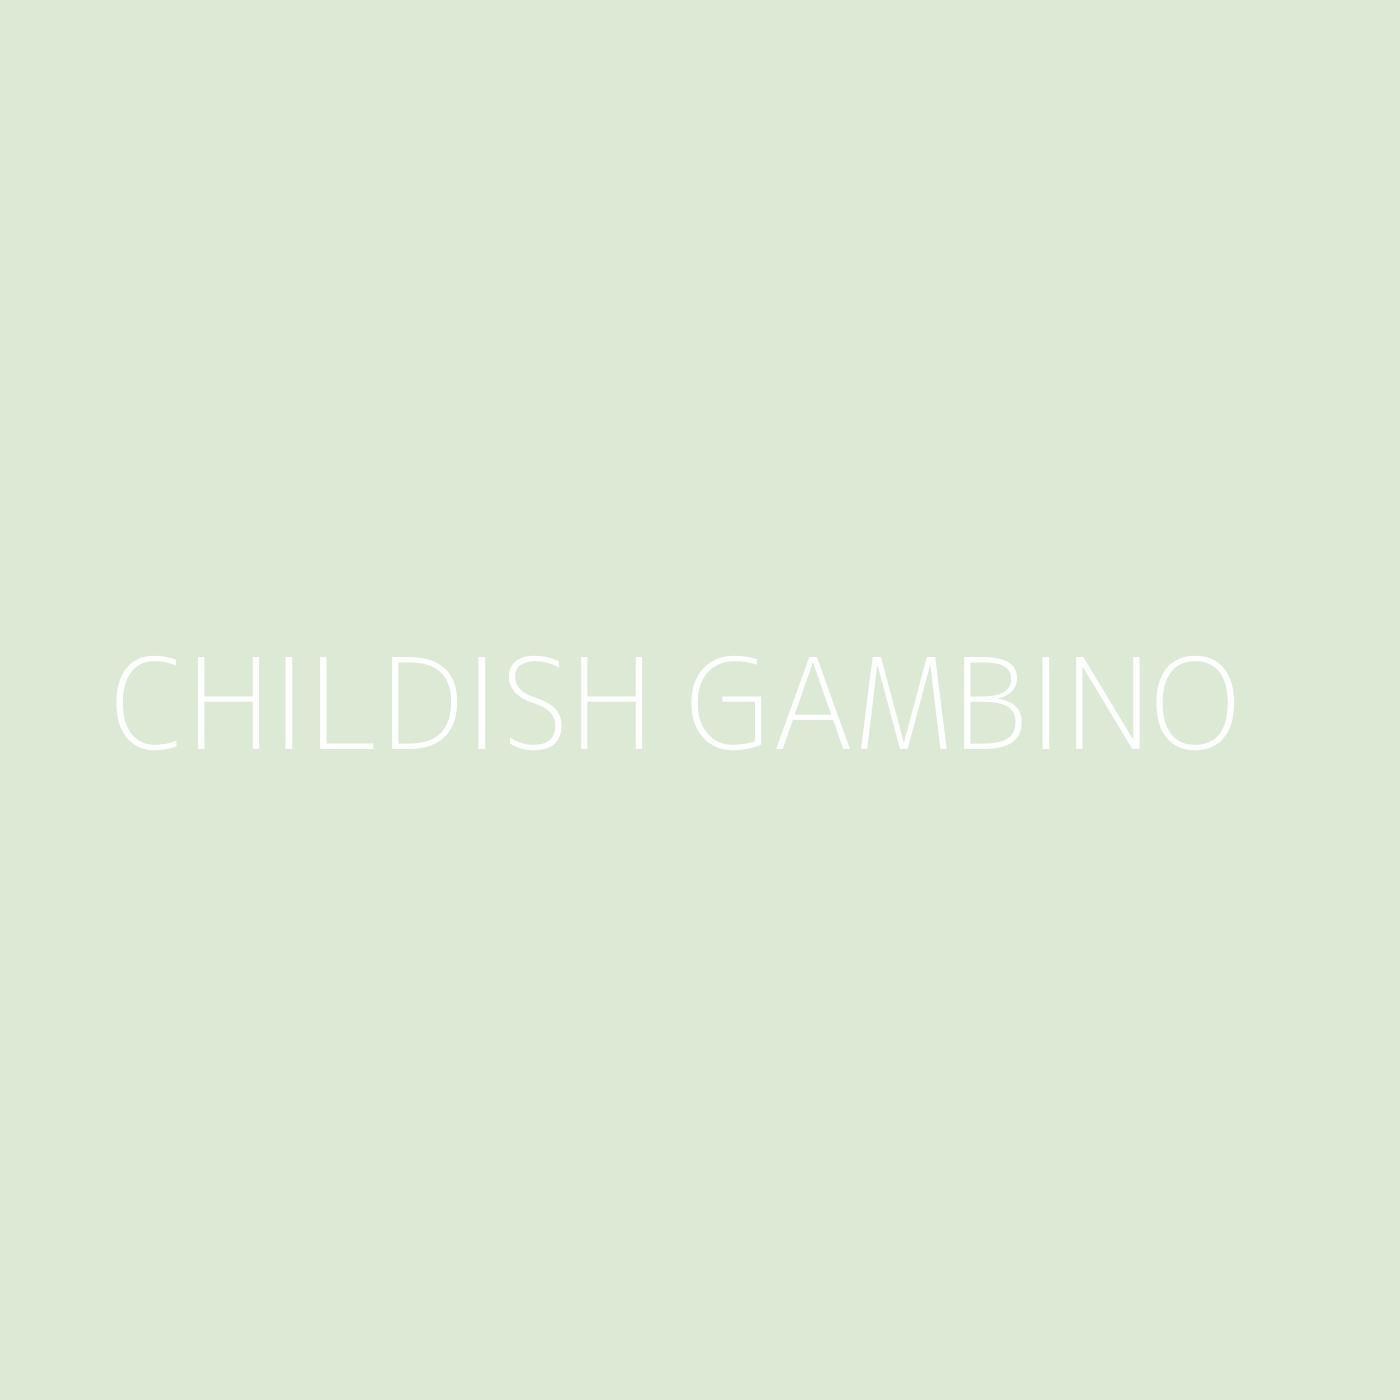 Childish Gambino Playlist Artwork